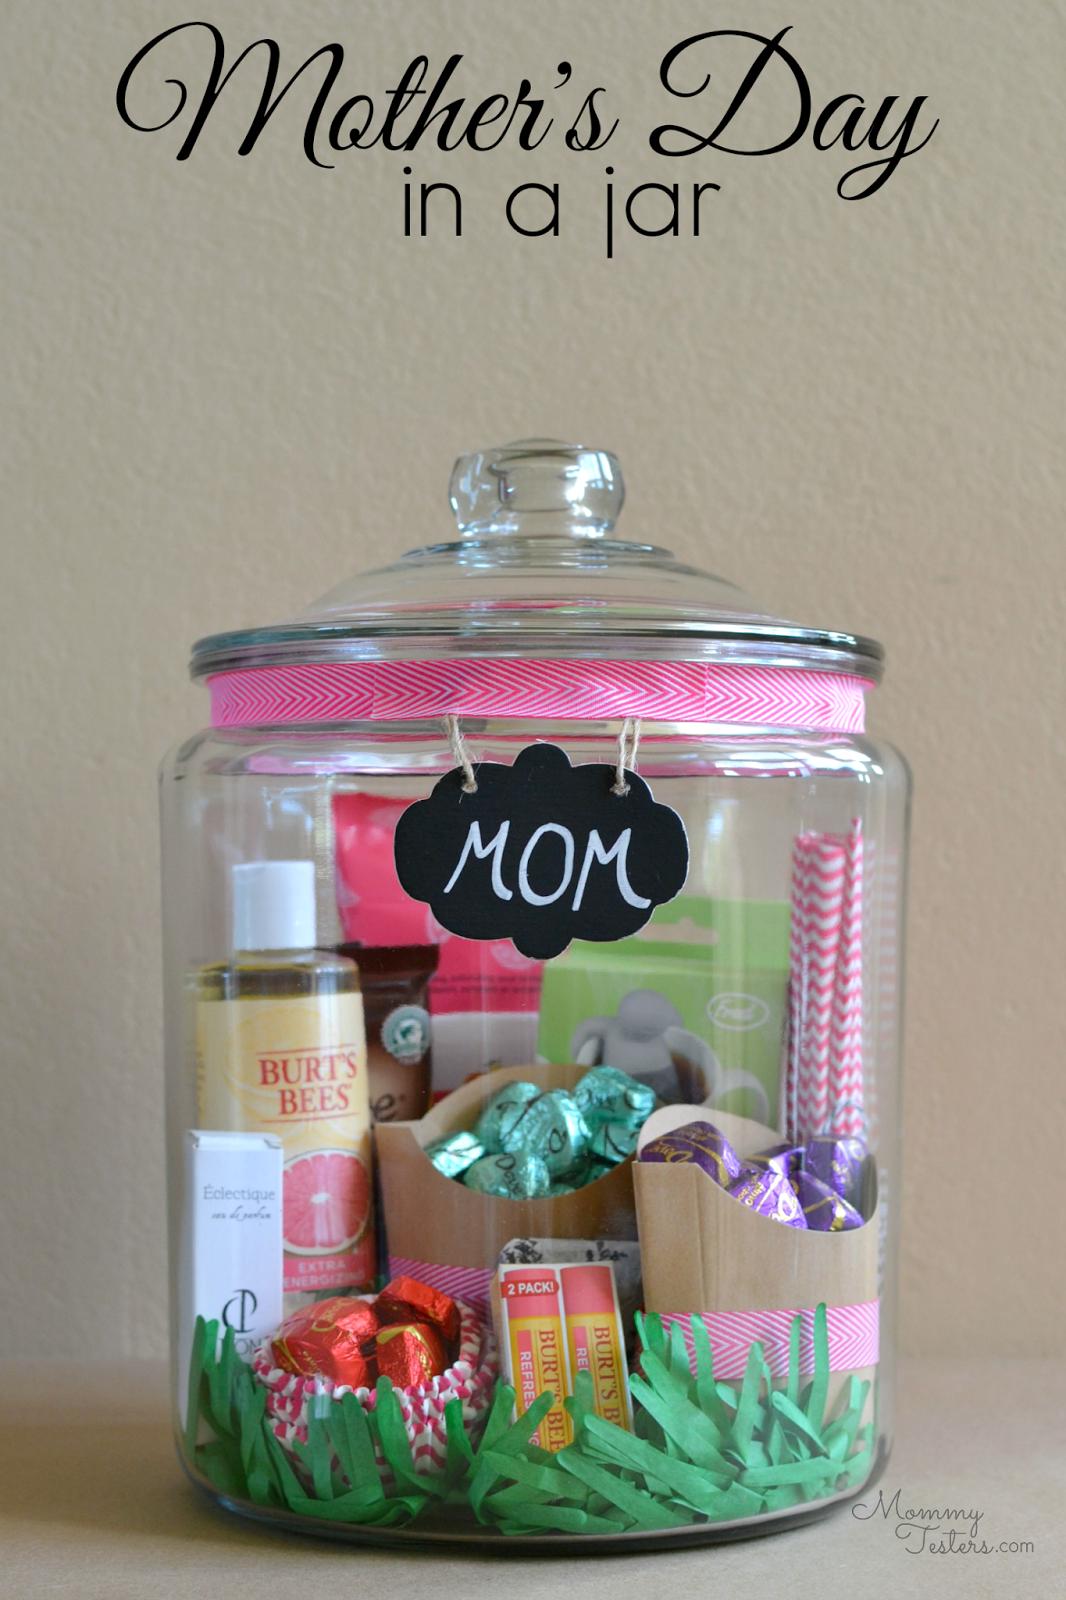 爱妈妈?看看这50 +母亲节礼物和工艺的想法完美的古怪妈妈!检查我们的列表,任何古怪的妈妈肯定会喜欢!